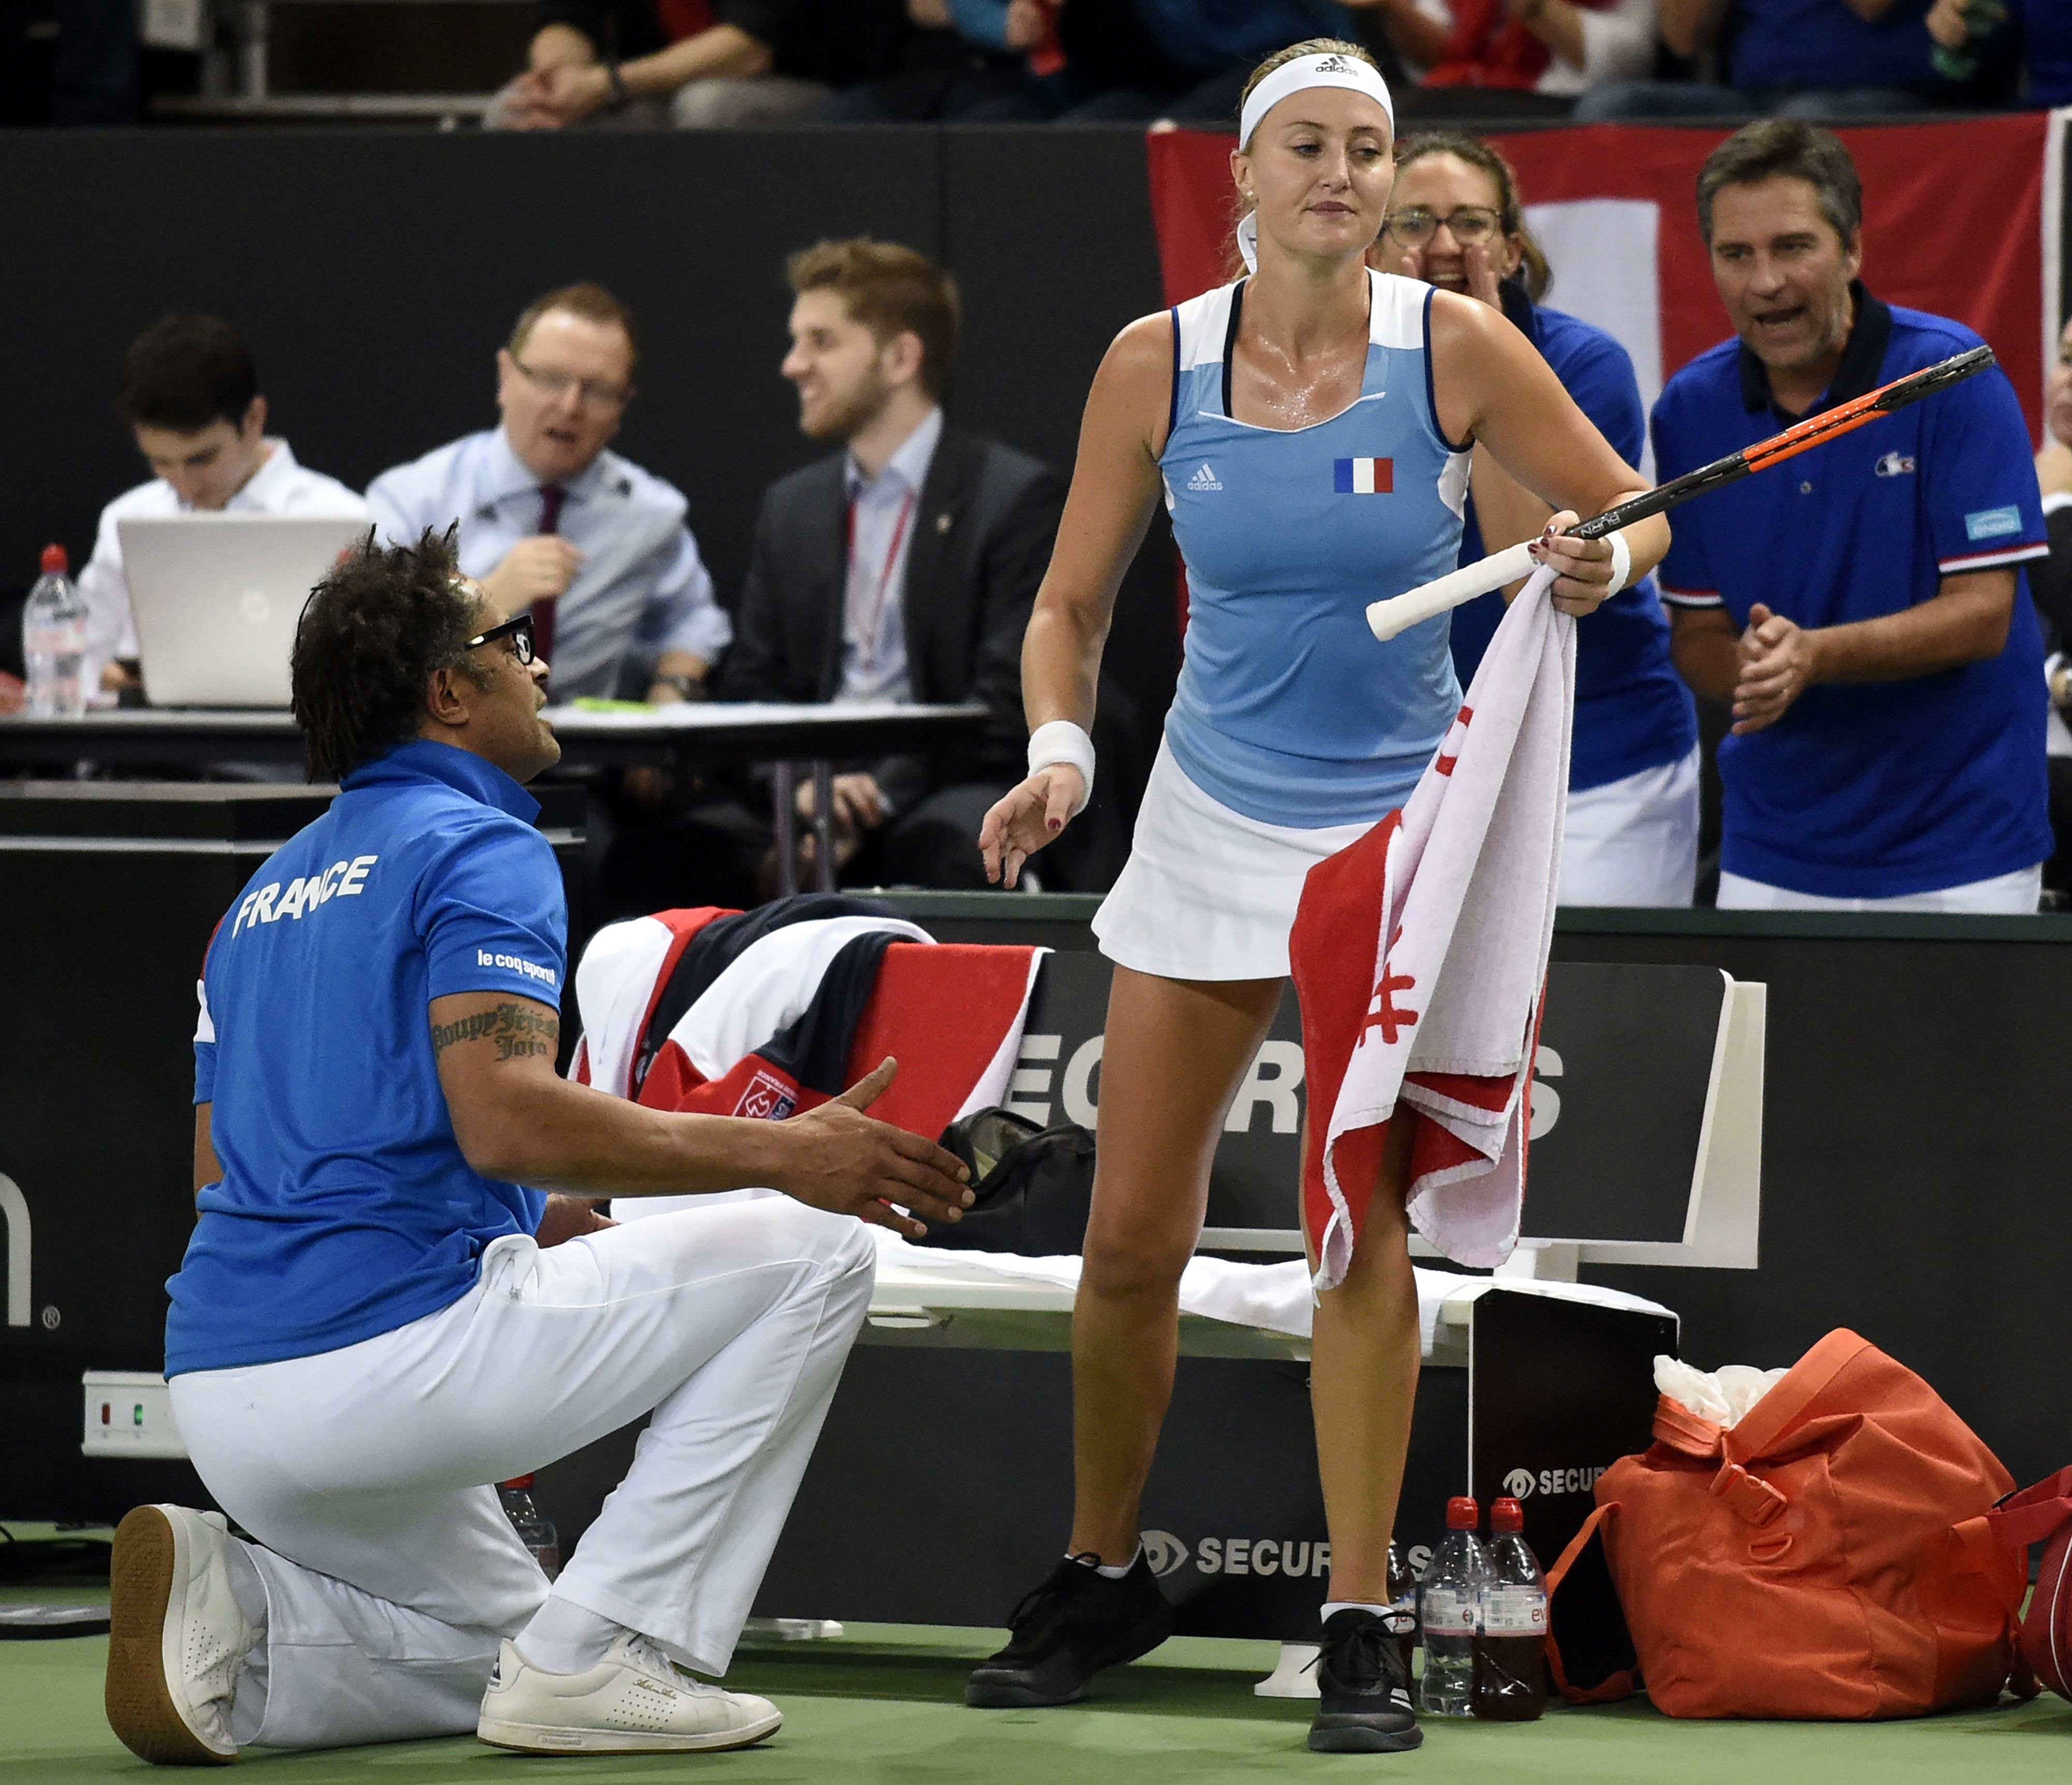 Tennis : Fed Cup : Les Bleues éliminées, Mladenovic fusille Garcia